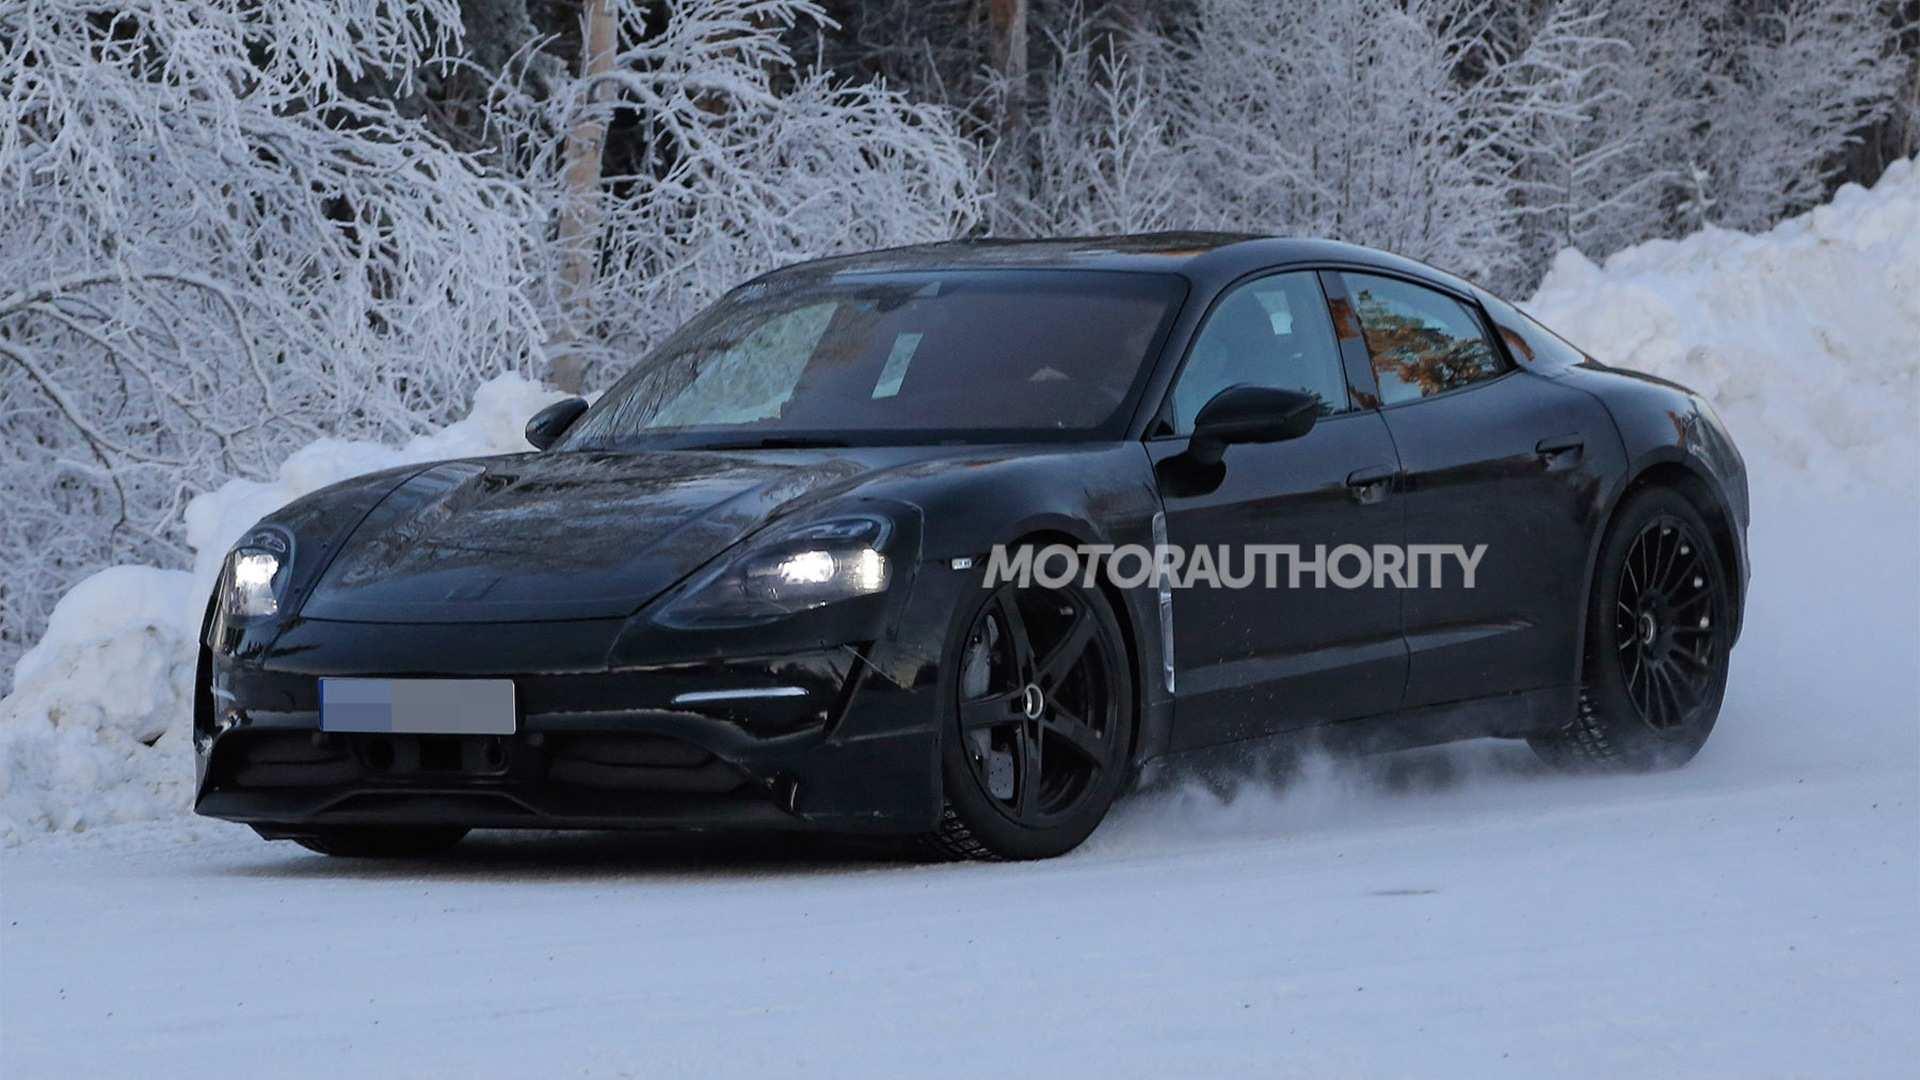 62 New 2020 Porsche Electric Car Spesification with 2020 Porsche Electric Car